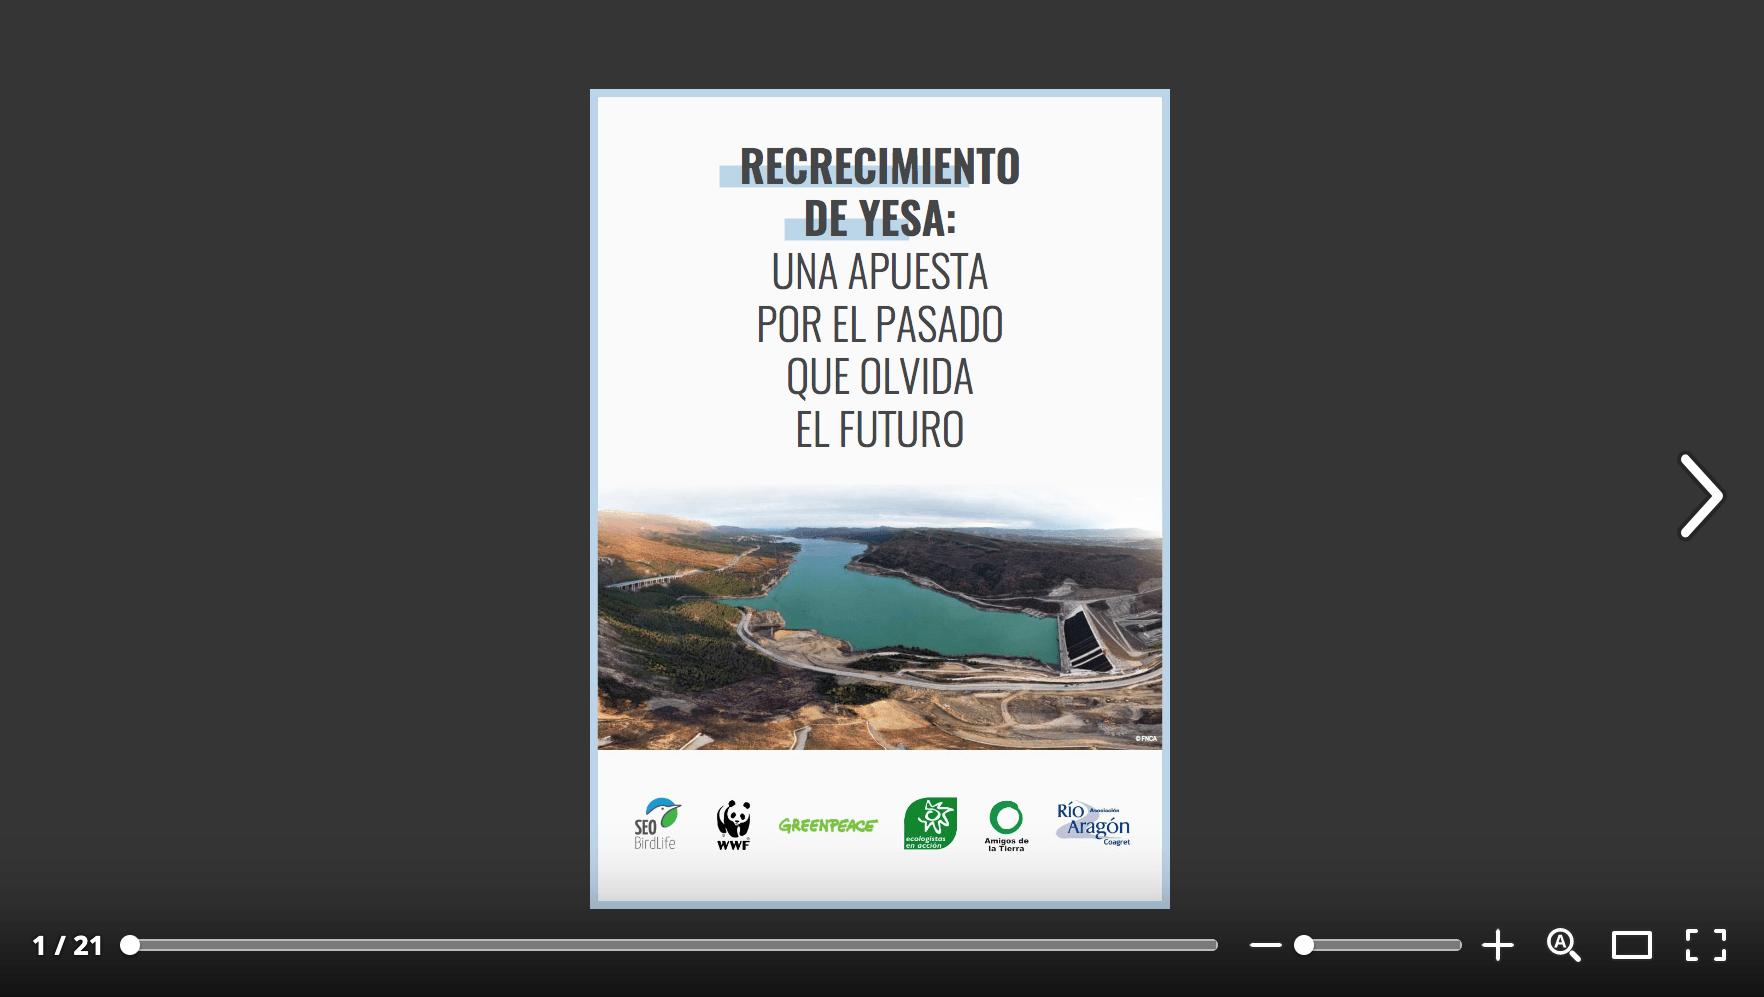 https://issuu.com/rioaragon/docs/informe_recrecimiento_de_yesa__una_apuesta_por_el_